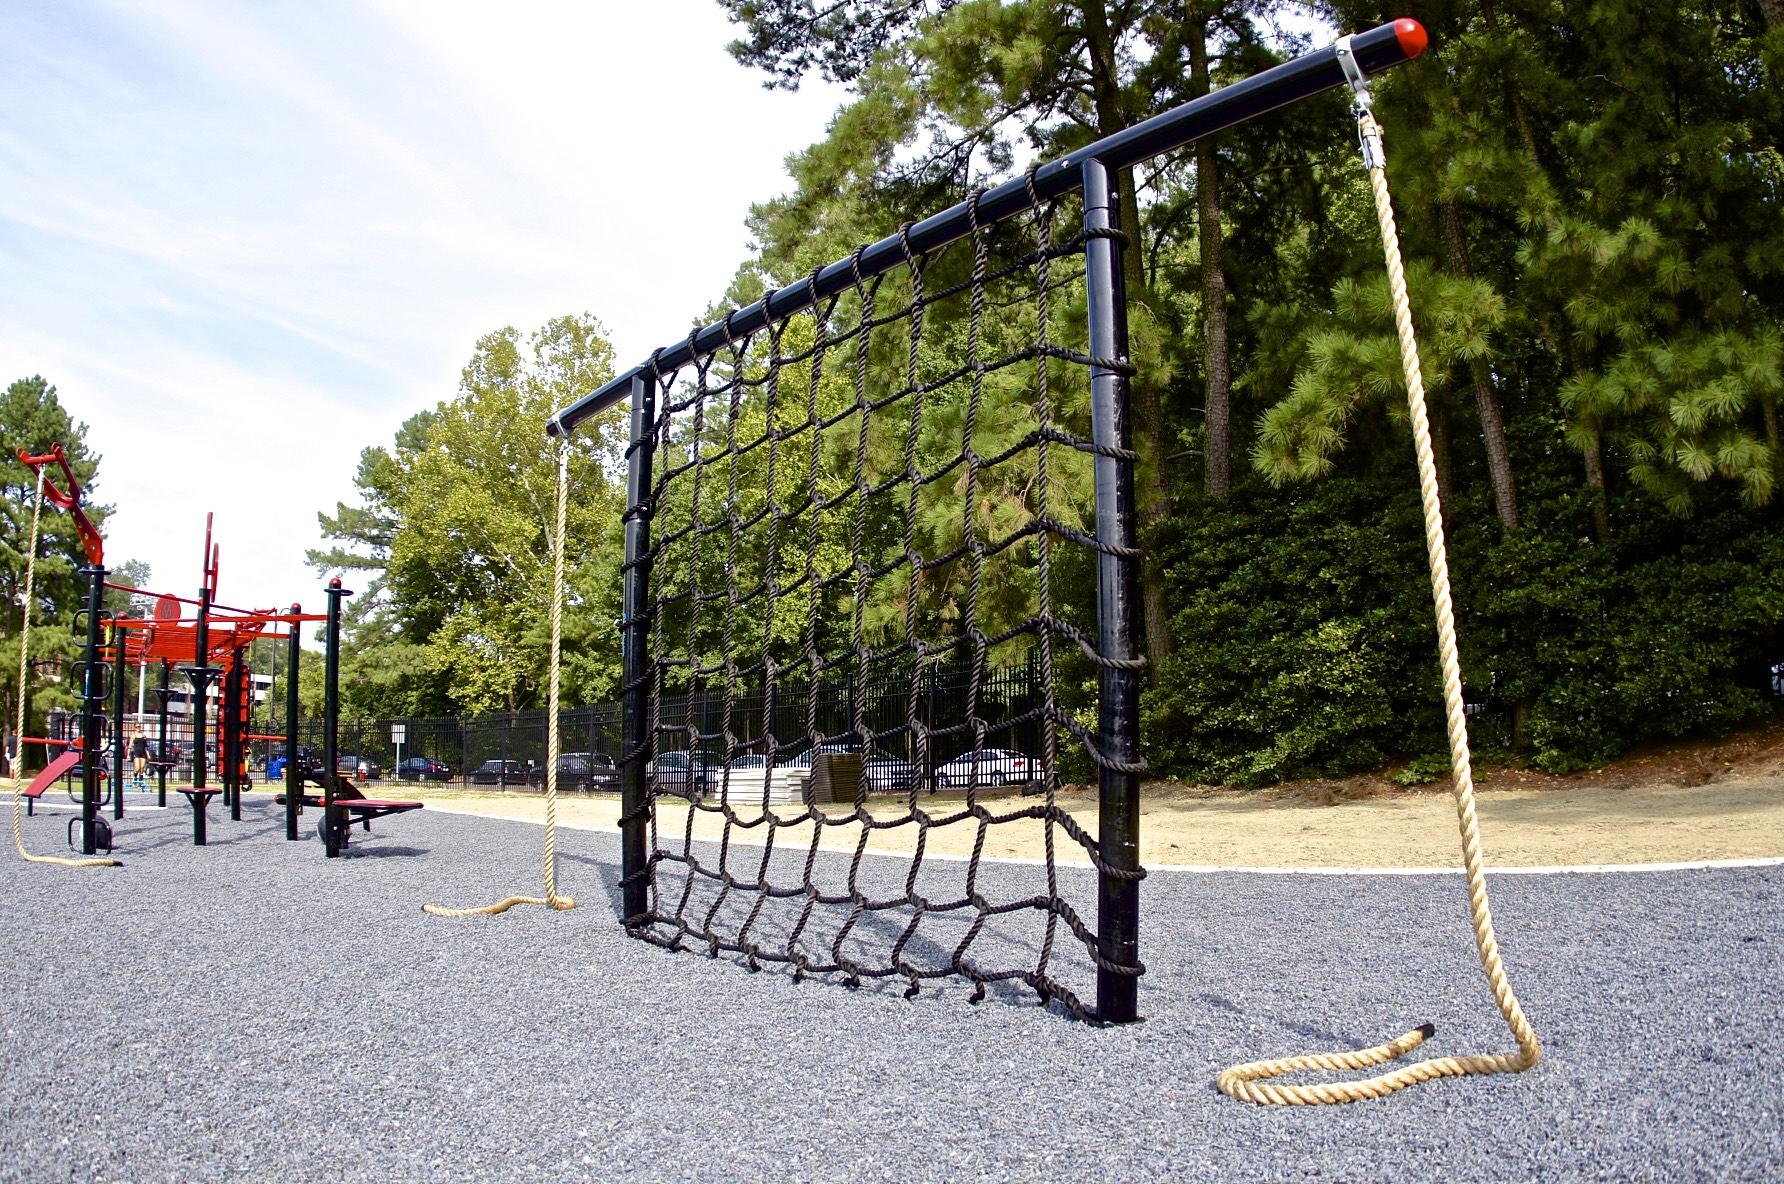 Cargo net fitness outdoor